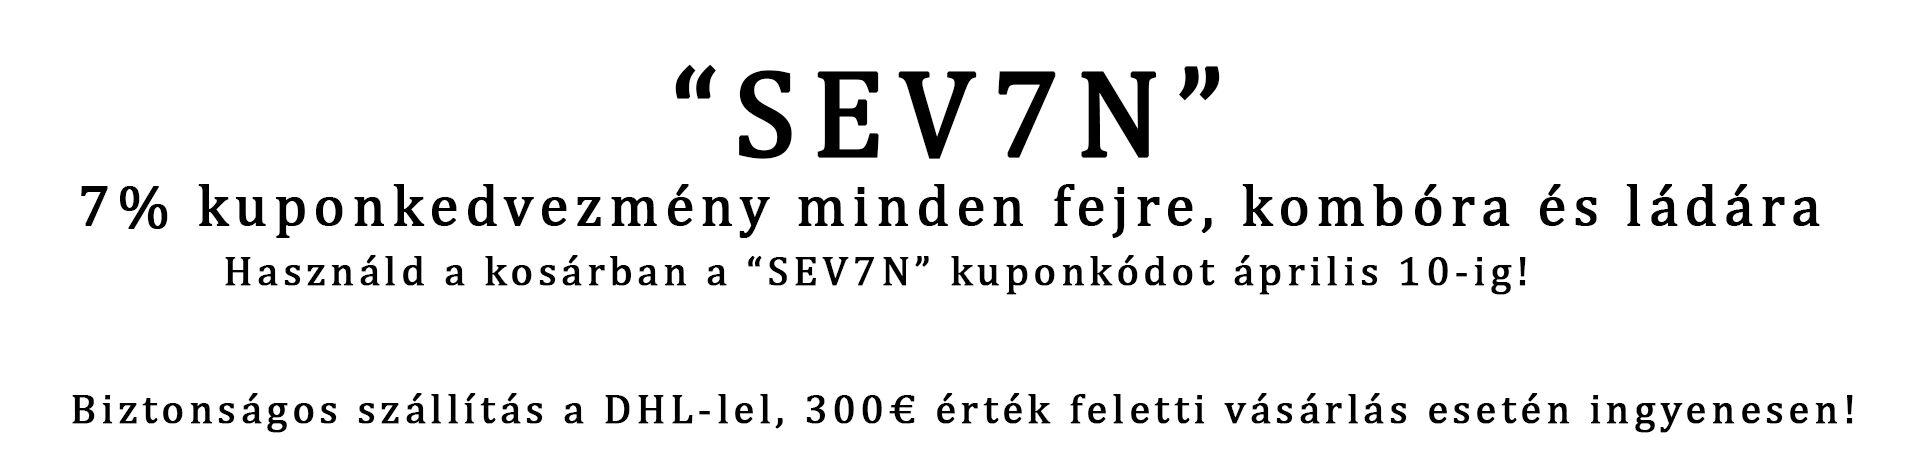 SEV7N_hu